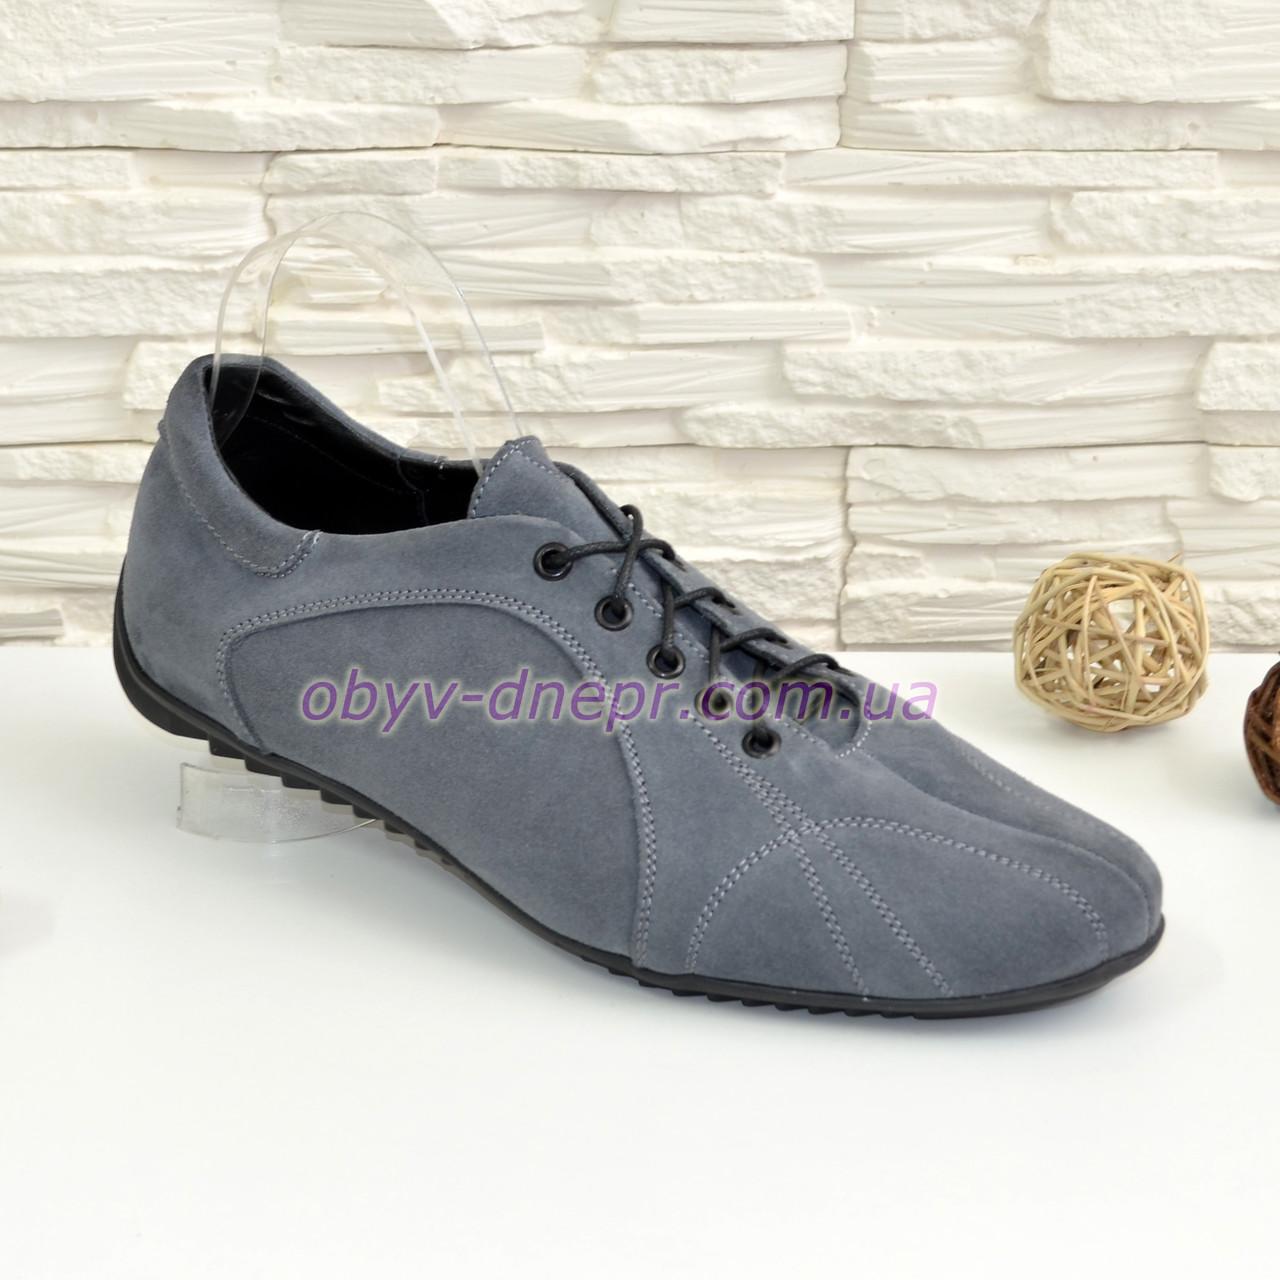 Туфли мужские замшевые серые на шнуровке